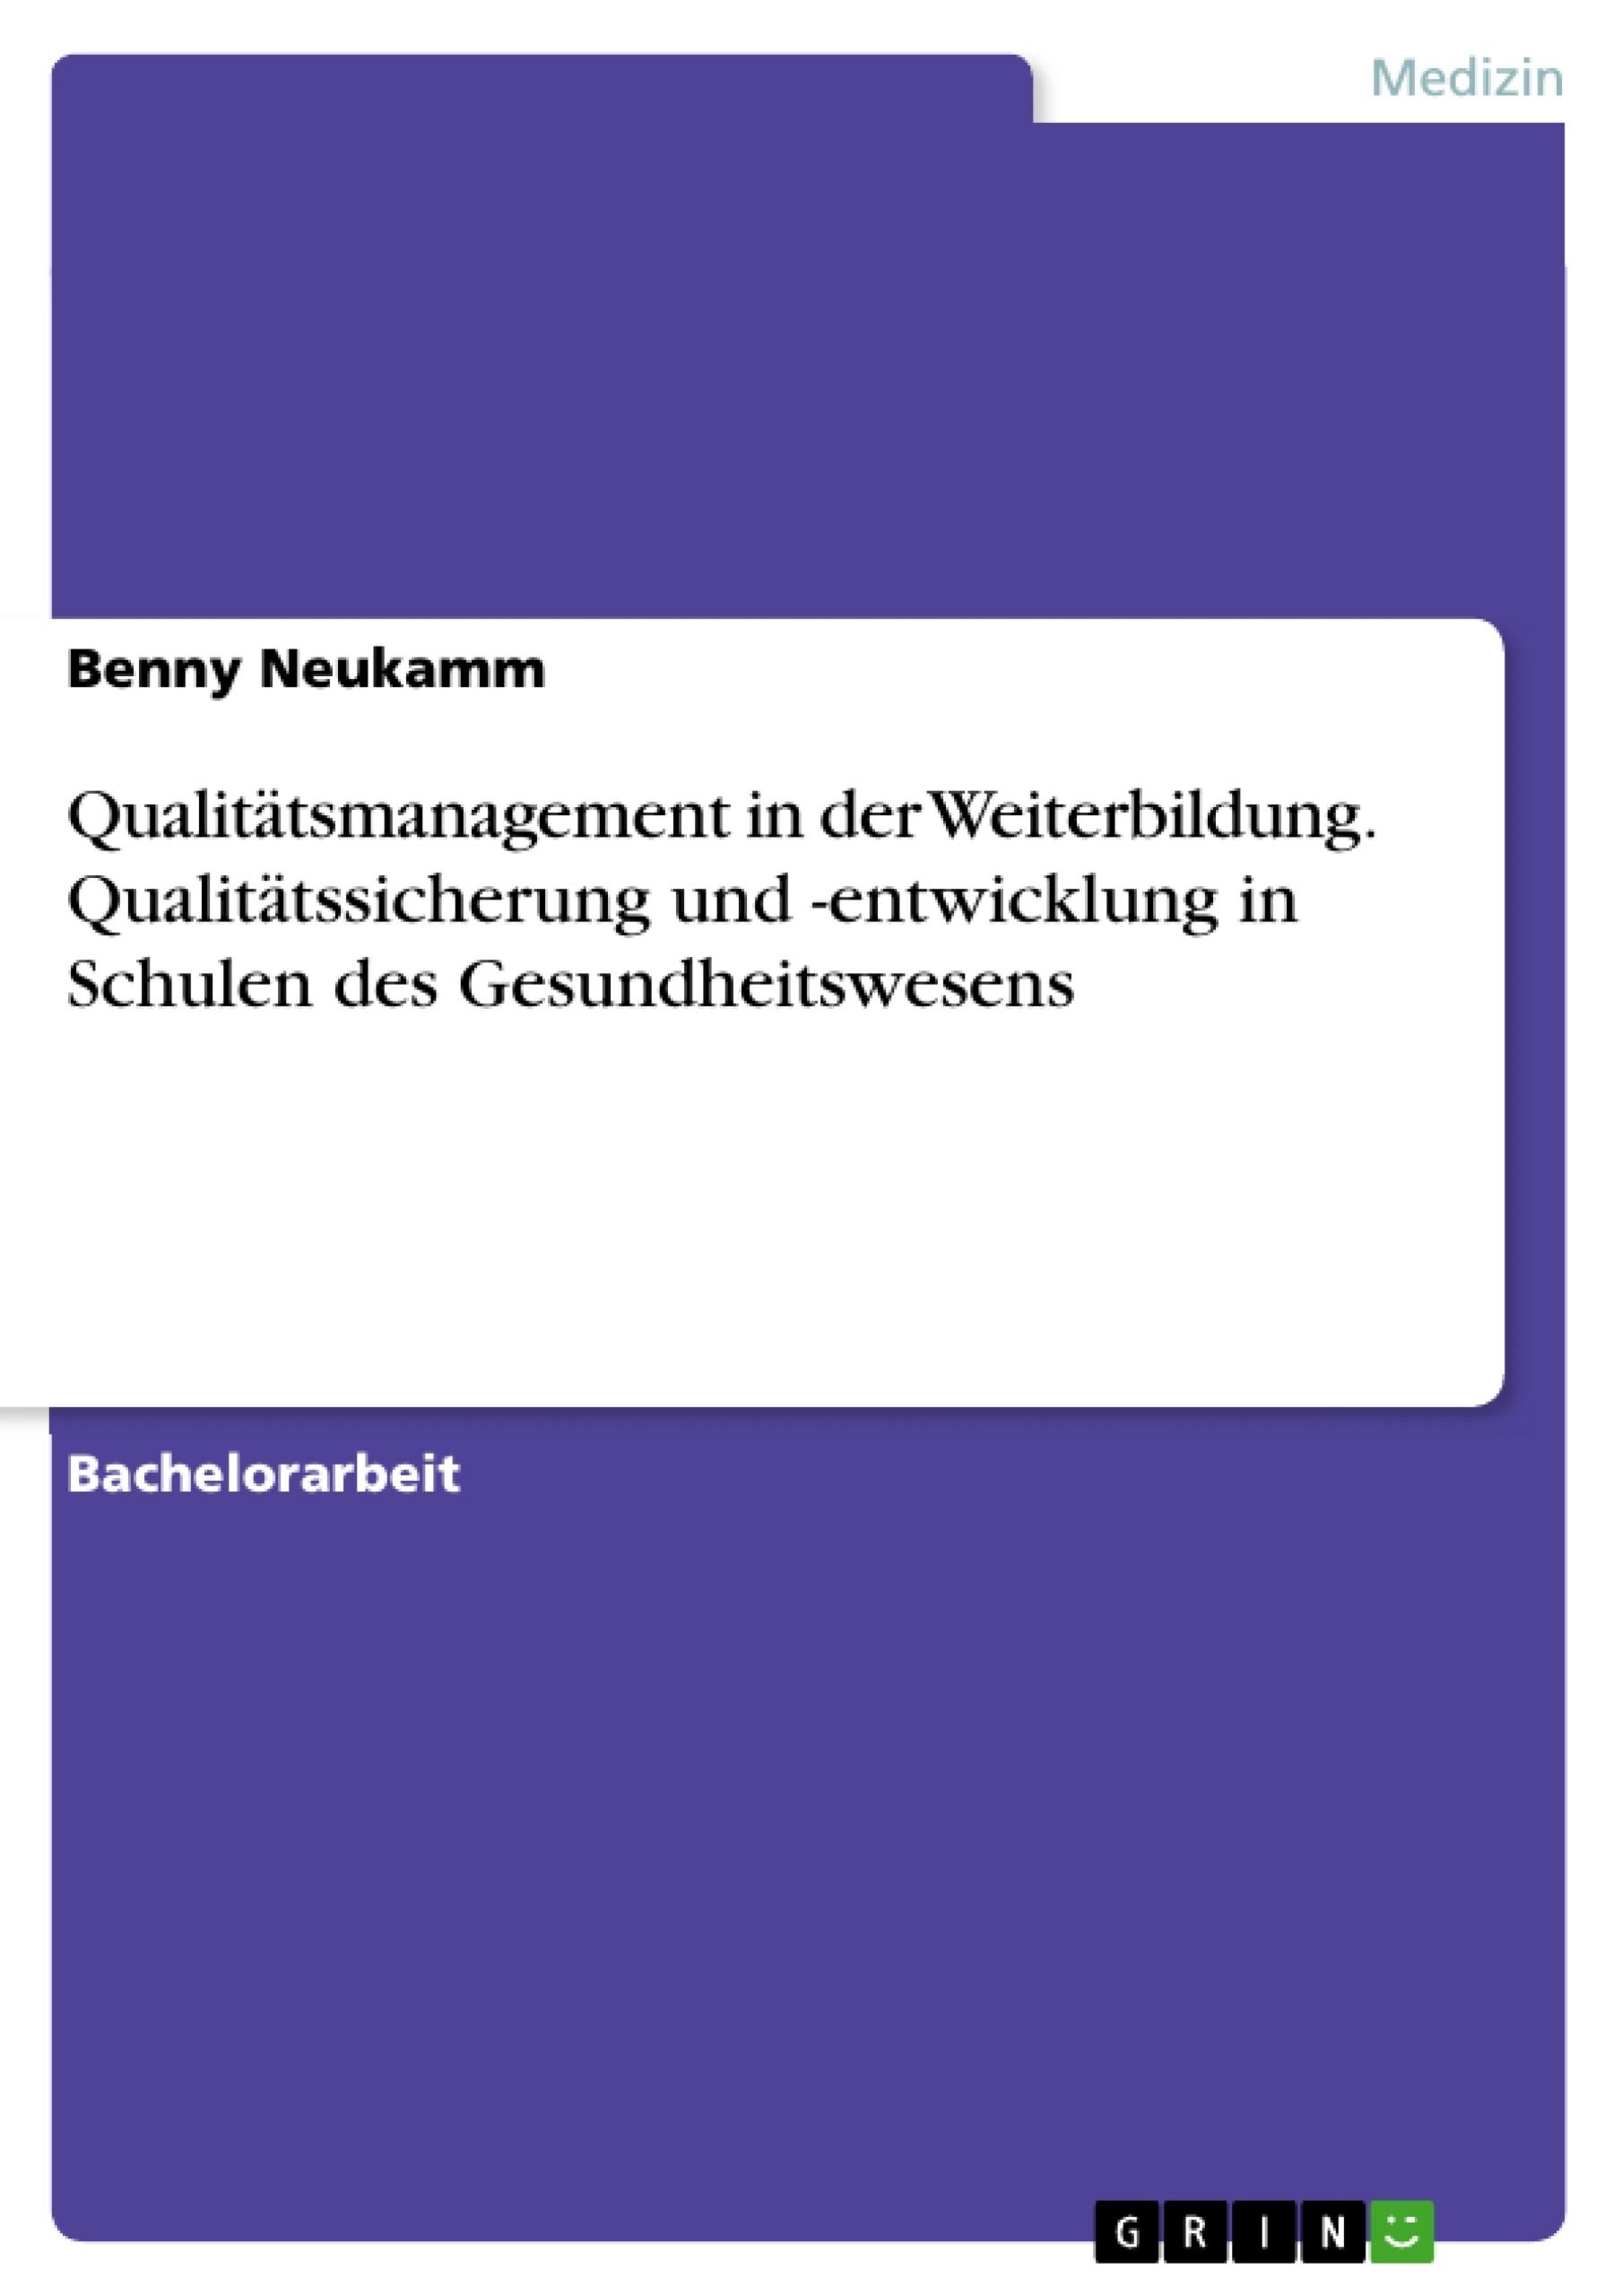 Titel: Qualitätsmanagement in der Weiterbildung. Qualitätssicherung und -entwicklung in Schulen des Gesundheitswesens